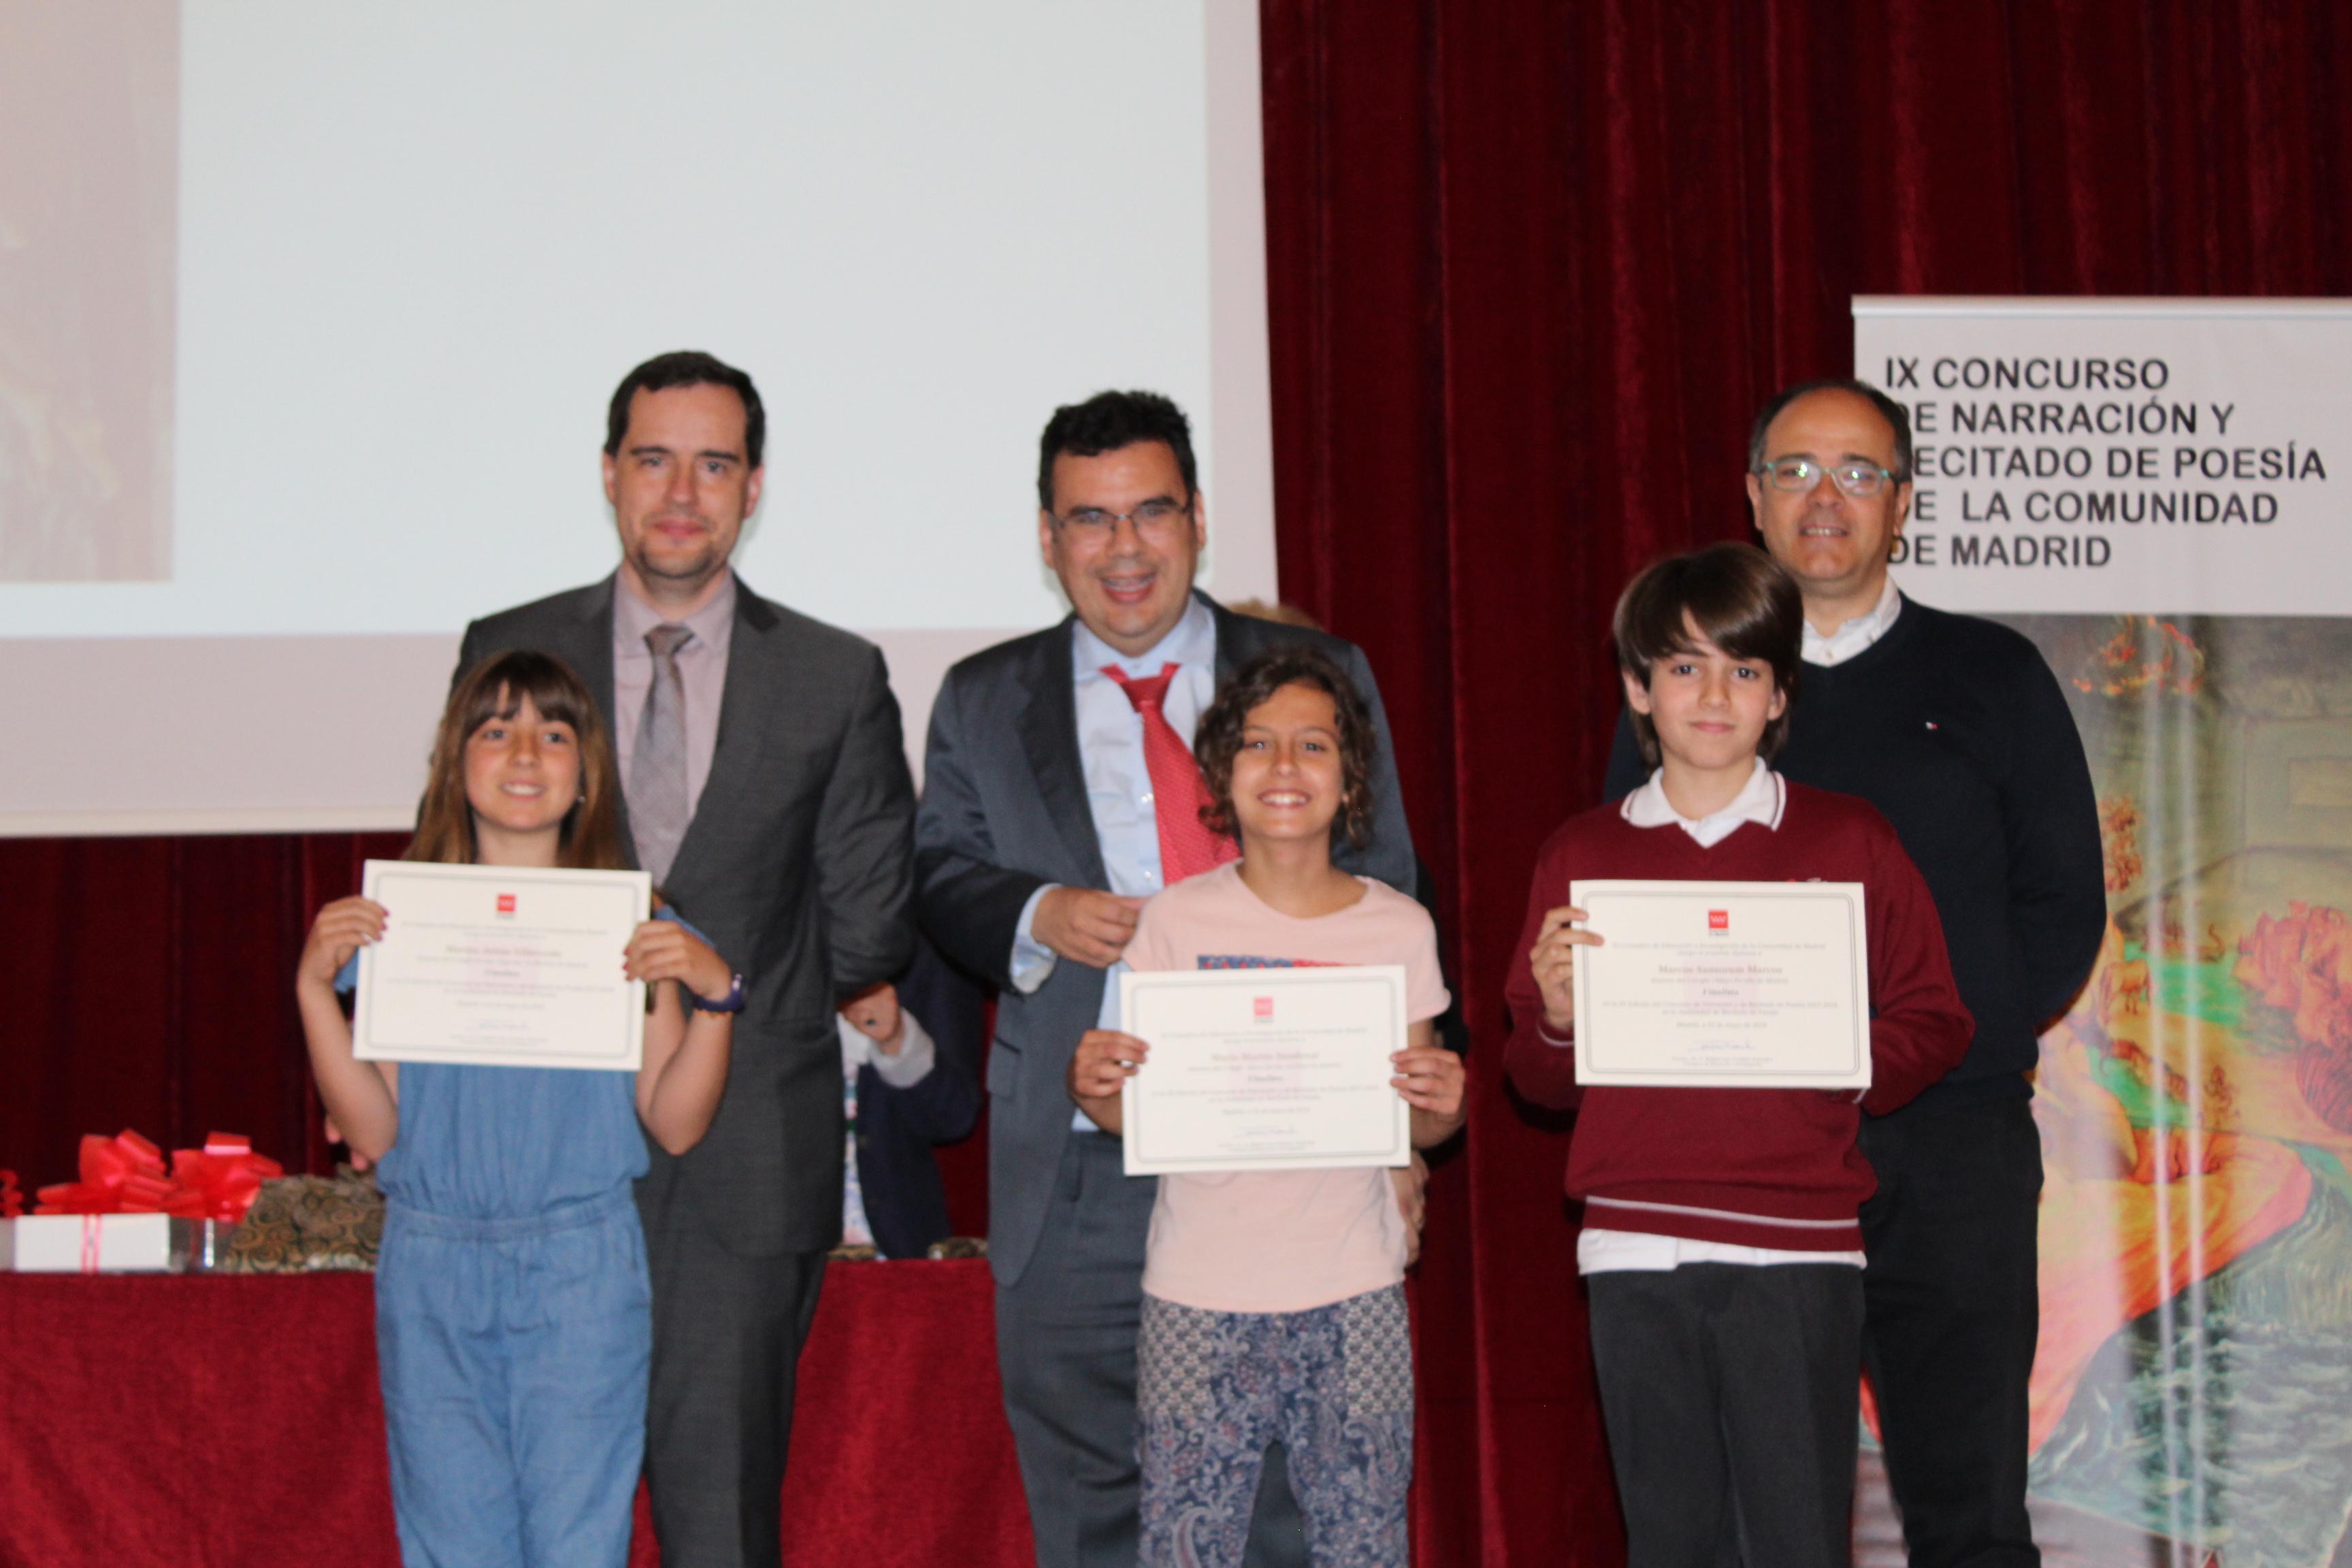 Entrega de los premios del IX Concurso de Narración y Recitado de Poesía 24